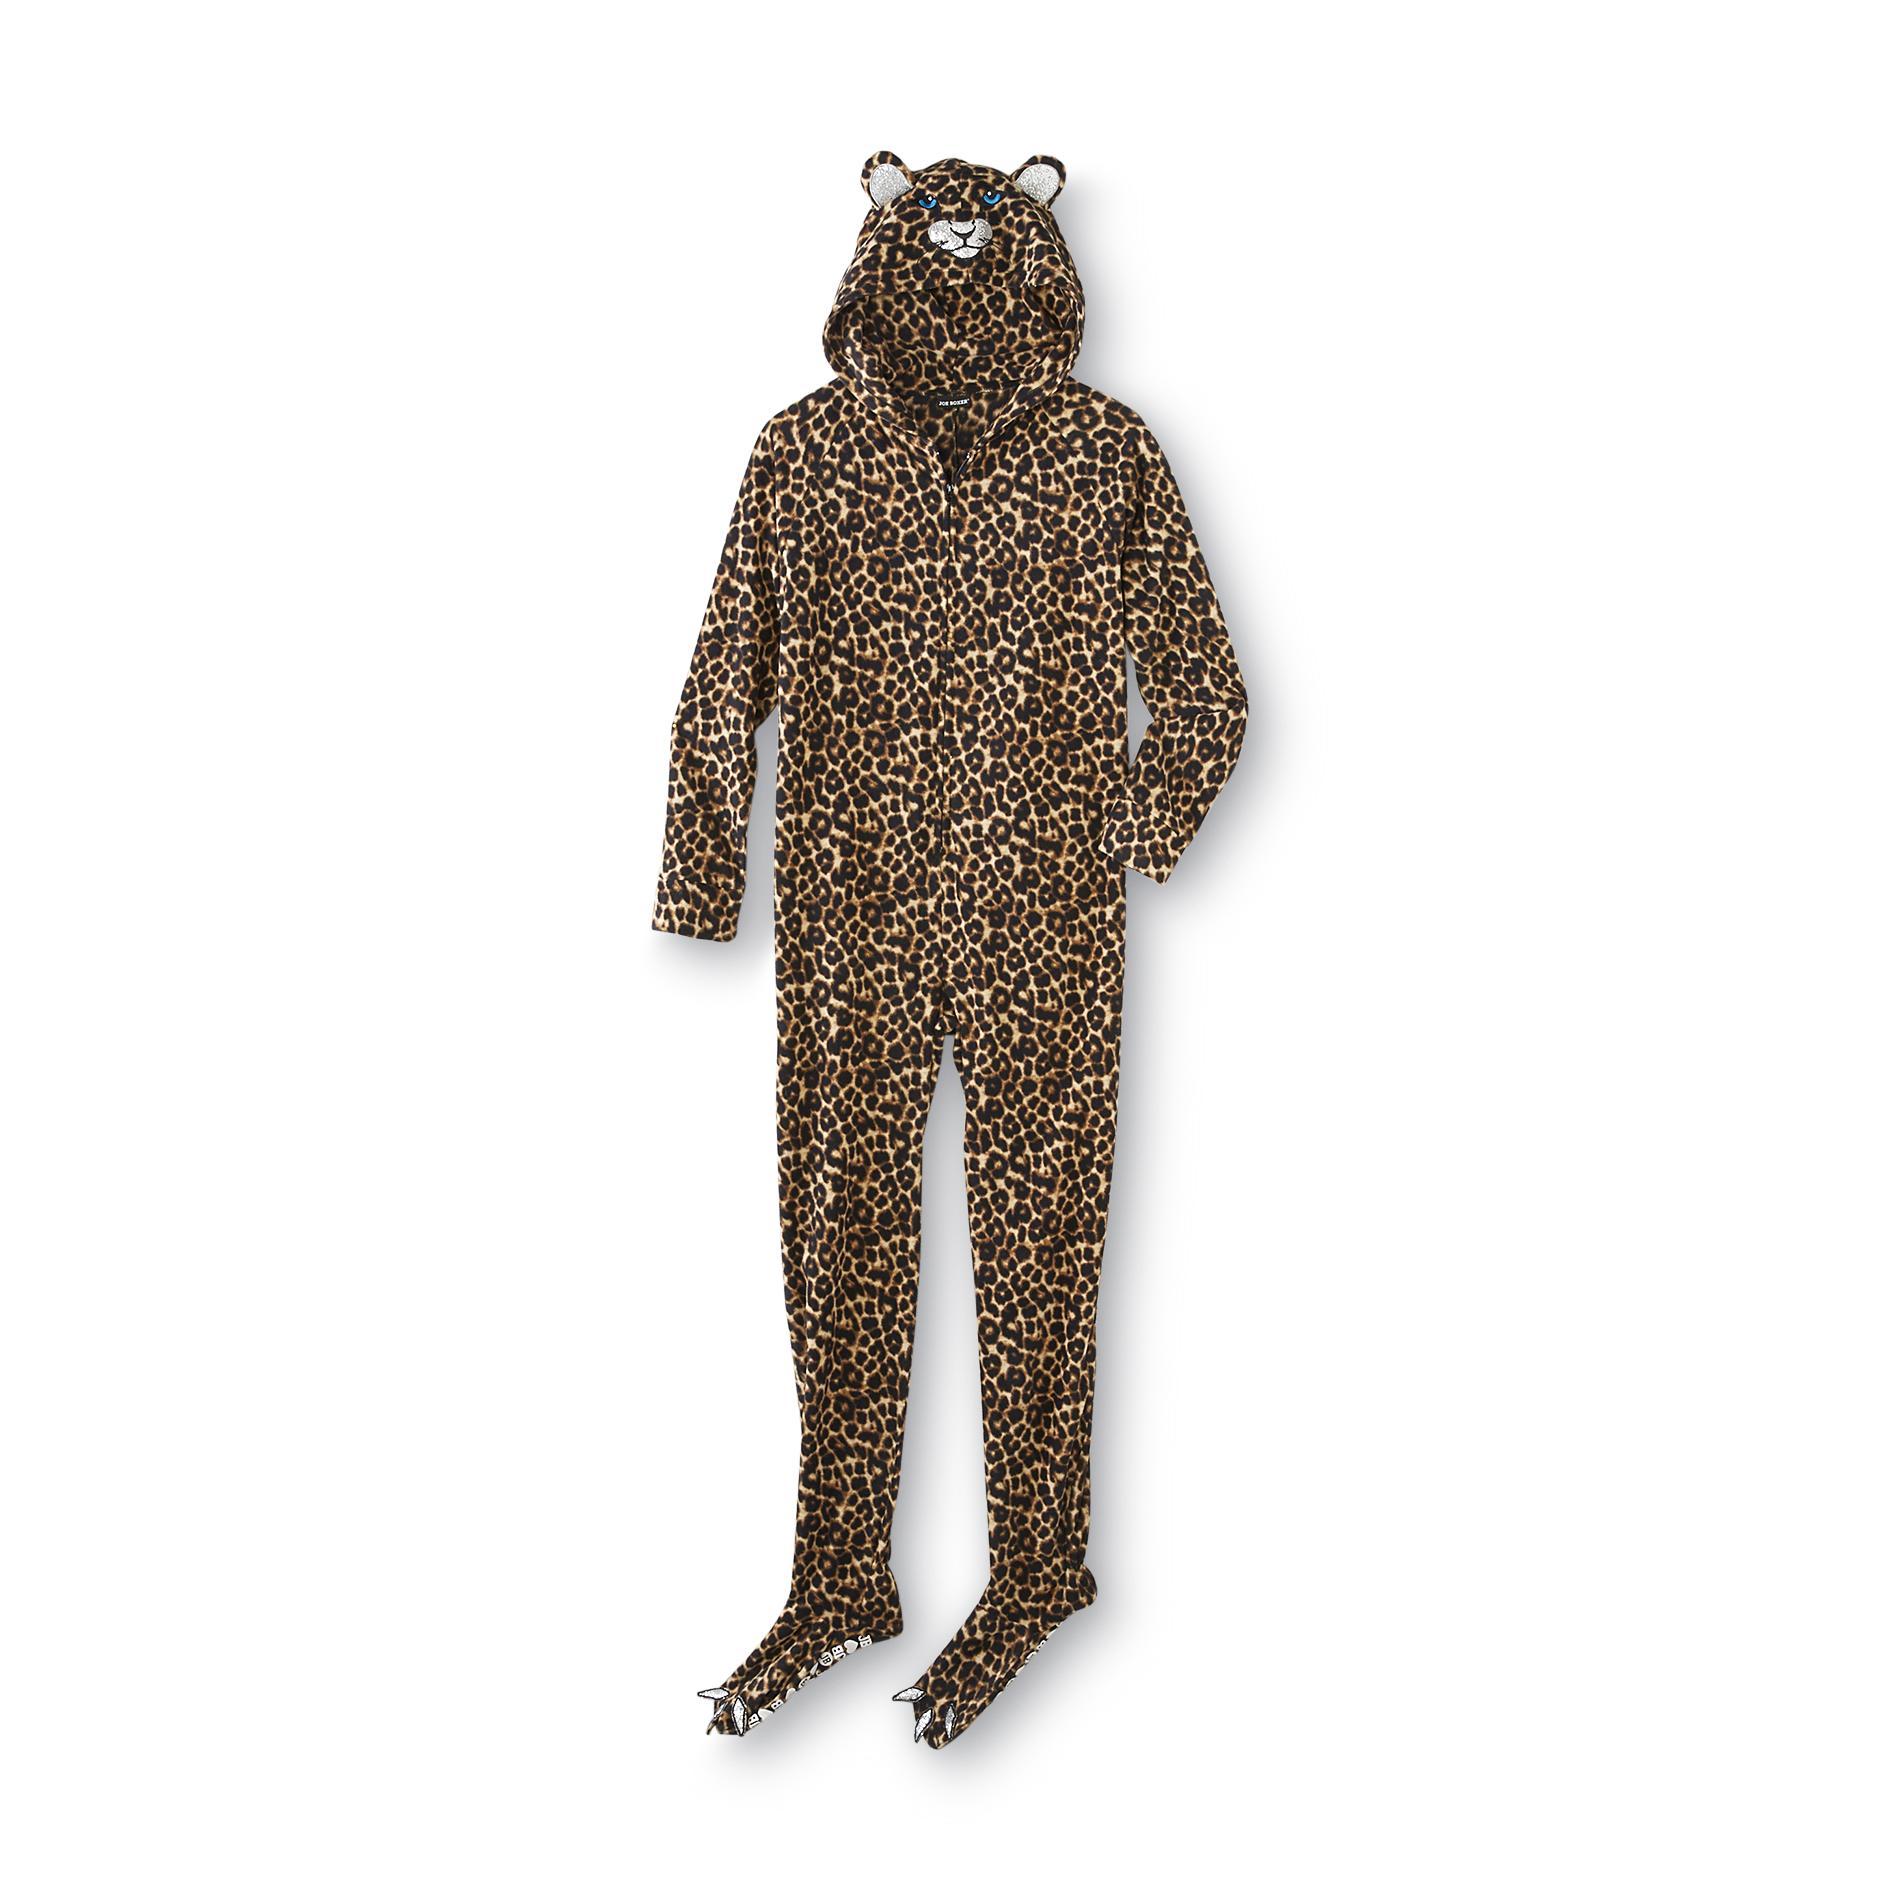 Joe Boxer Junior' -piece Pajamas - Cheetah Clothing